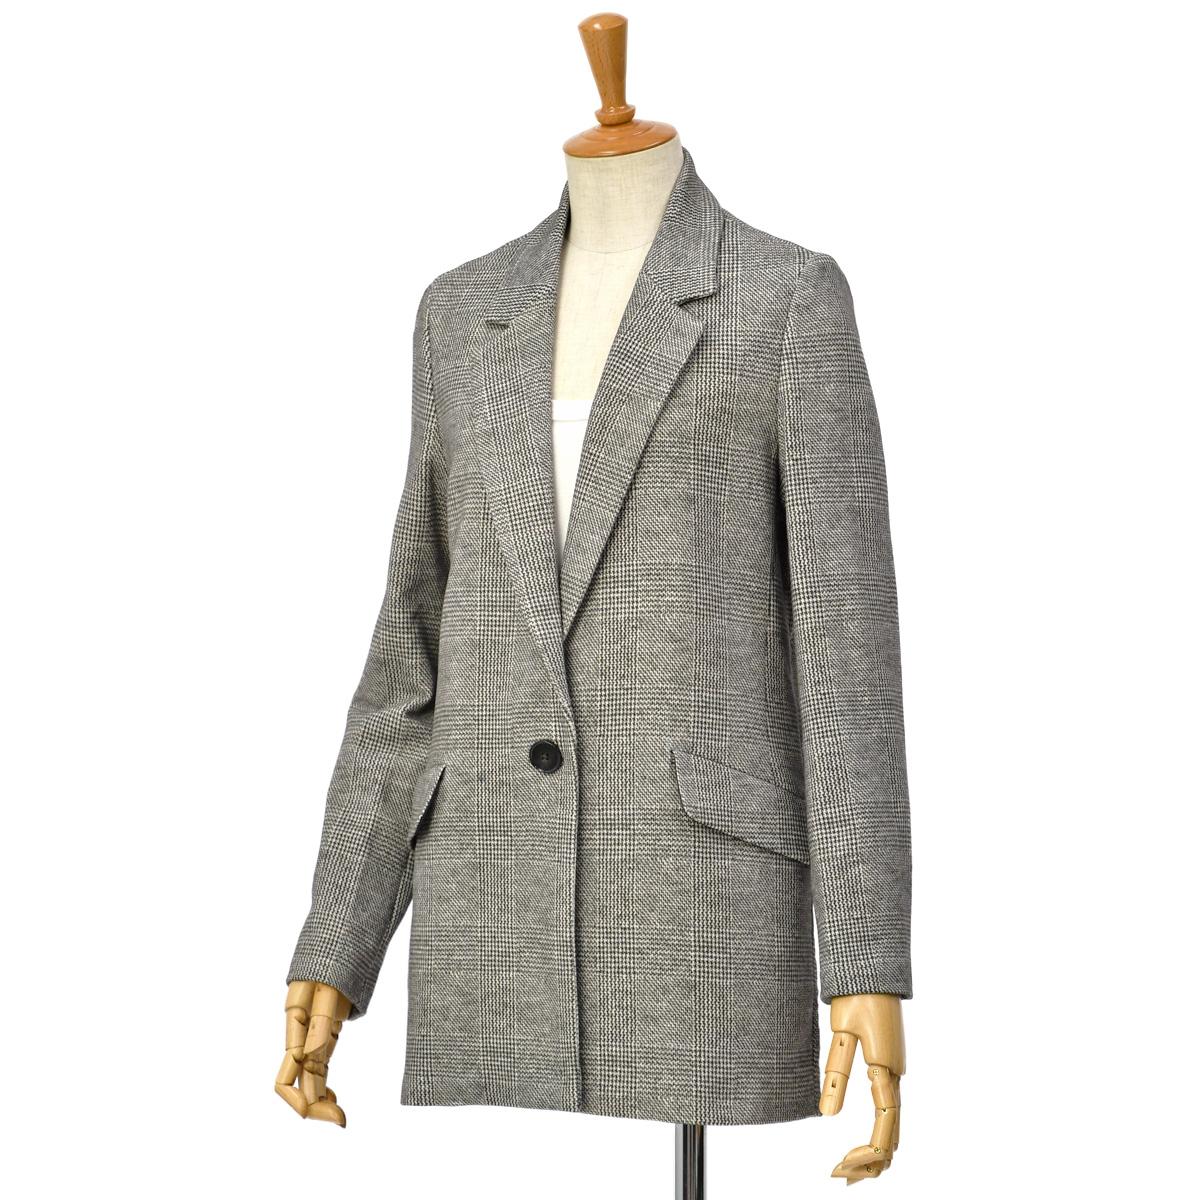 CIRCOLO 1901【チルコロ】一つ釦チェックジャージジャケット 9254A140505 MORO コットン チェック ブラウン